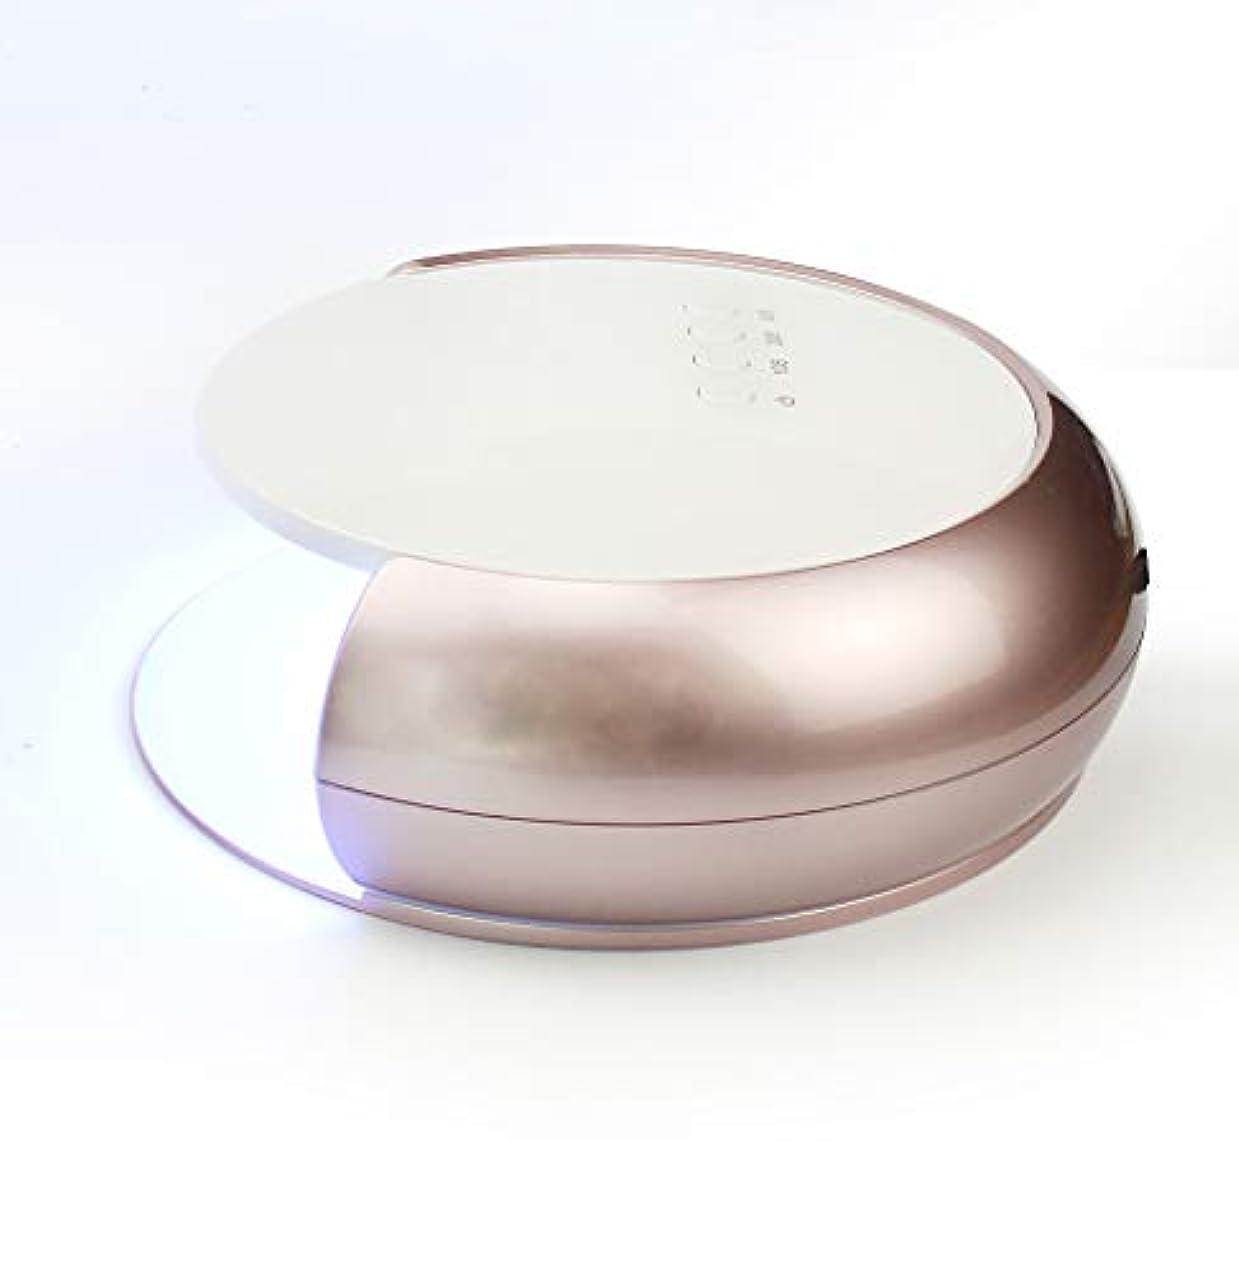 小道温帯ドキドキネイルドライヤー - 光線療法機デュアル光源33 UV / LEDランプビーズ赤外線インテリジェント温度保護4速タイミング